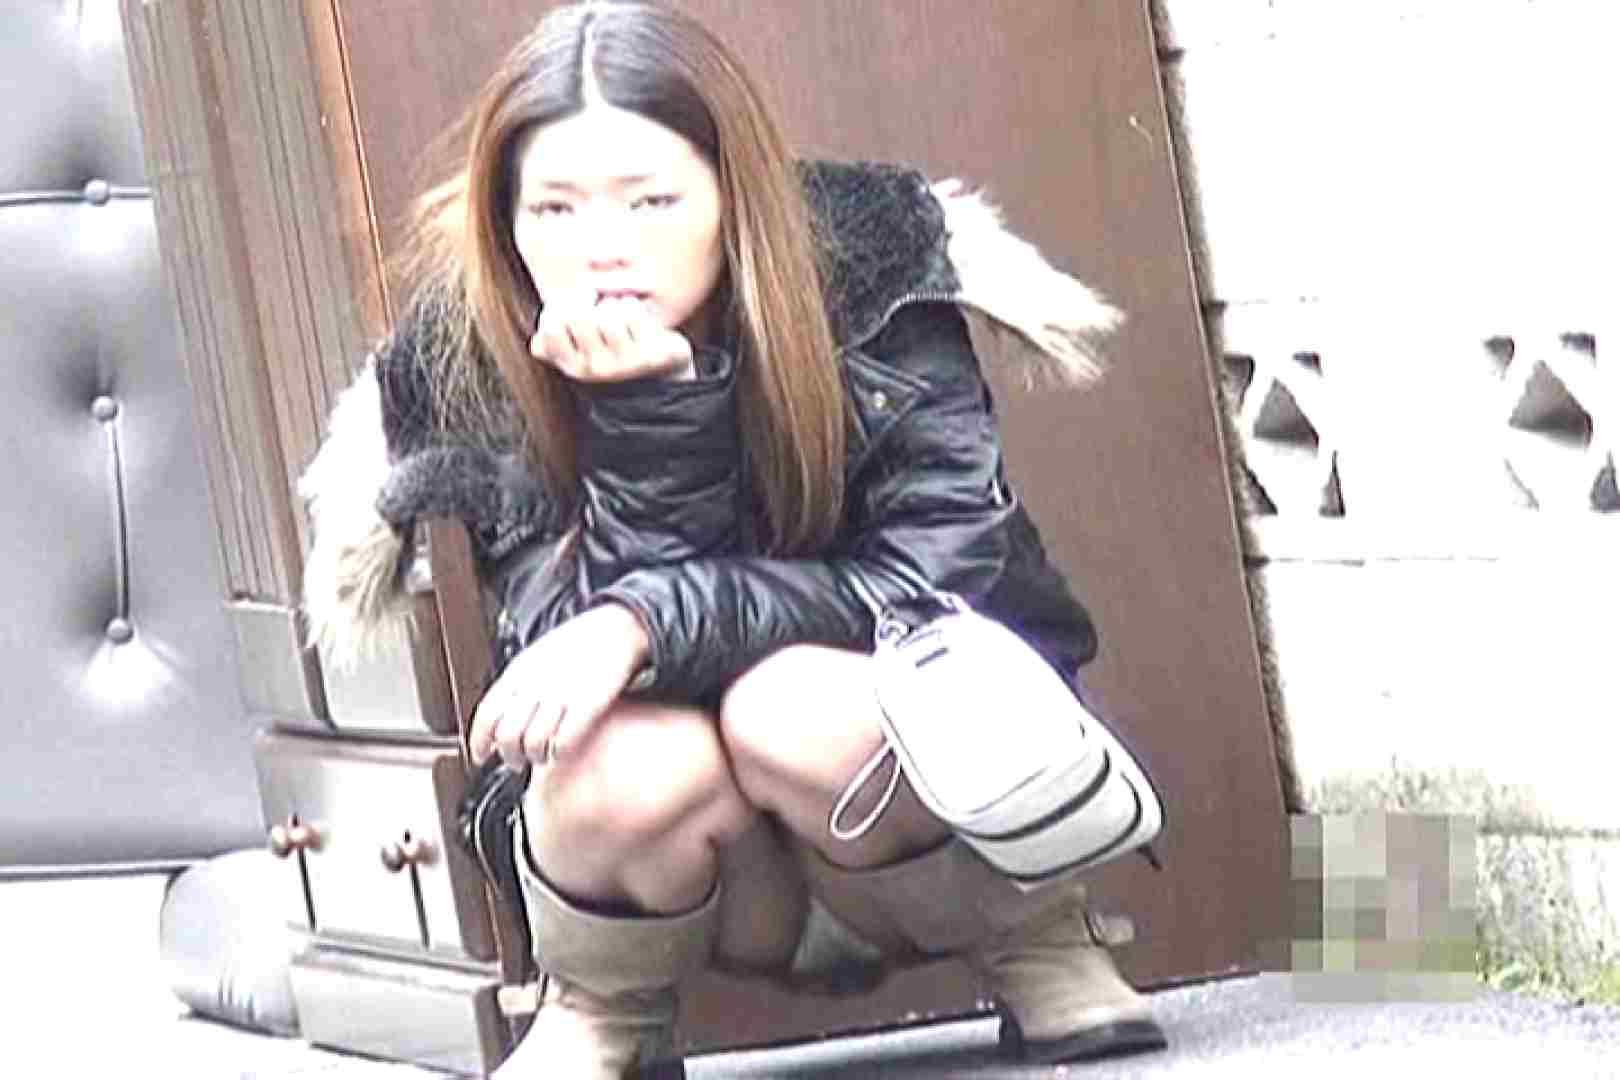 マンチラインパクトVol.6 ぱっくり下半身 すけべAV動画紹介 78画像 53